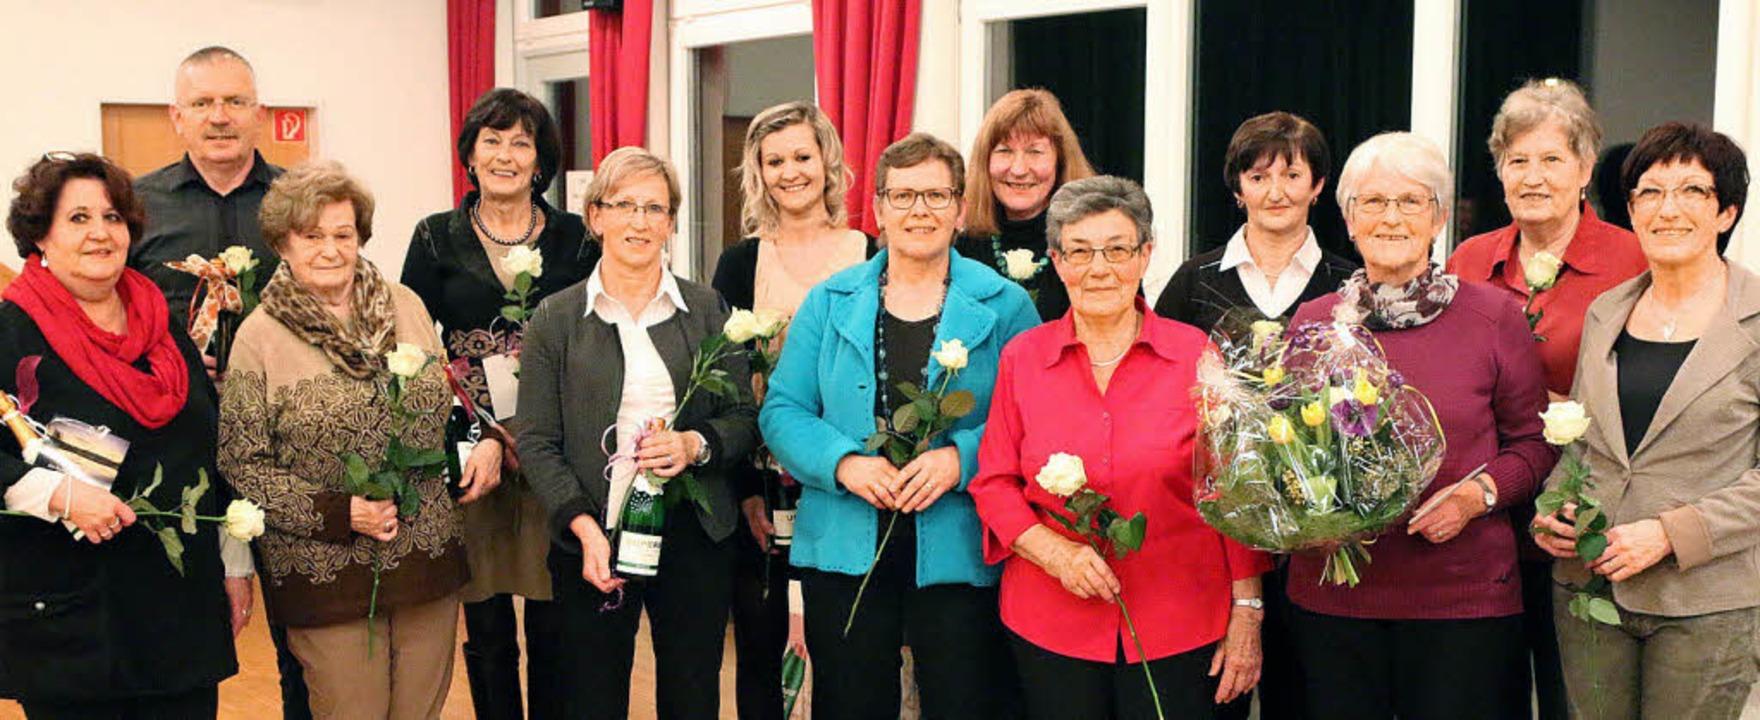 Geehrt wurden zahlreiche treue  Sänger...lisabeth Oesterlin und Hilda Kotysch.     Foto: Hans-Jürgen Hege